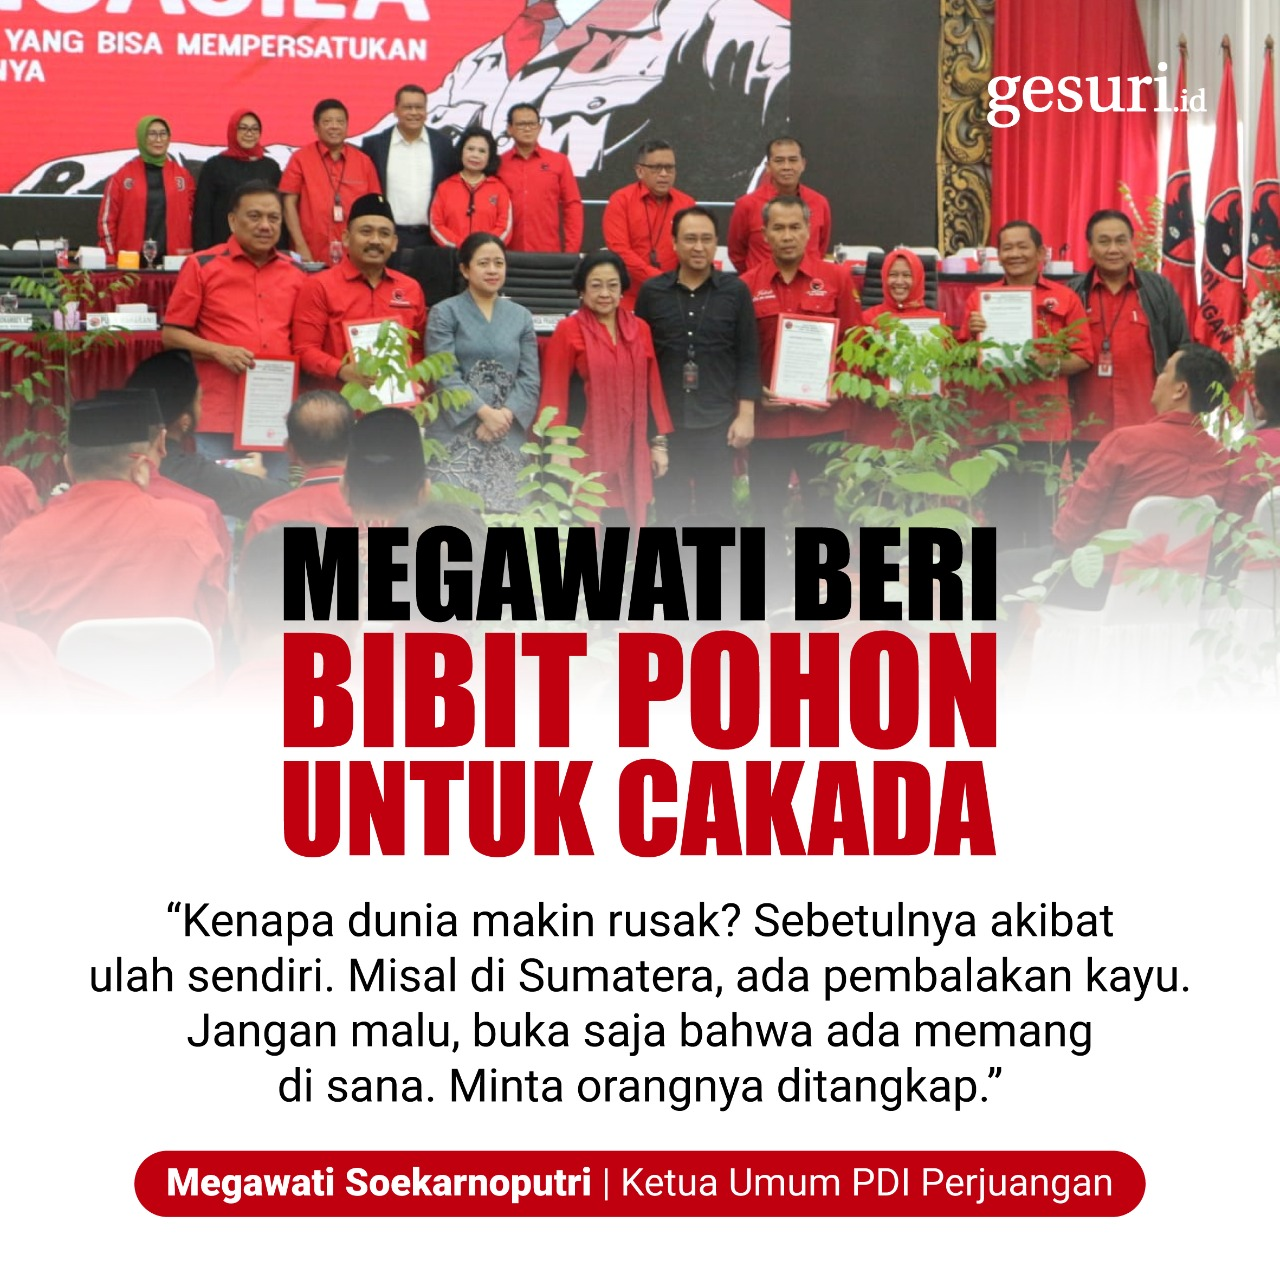 Megawati Beri Bibit Pohon untuk Calon Kepala Daerah